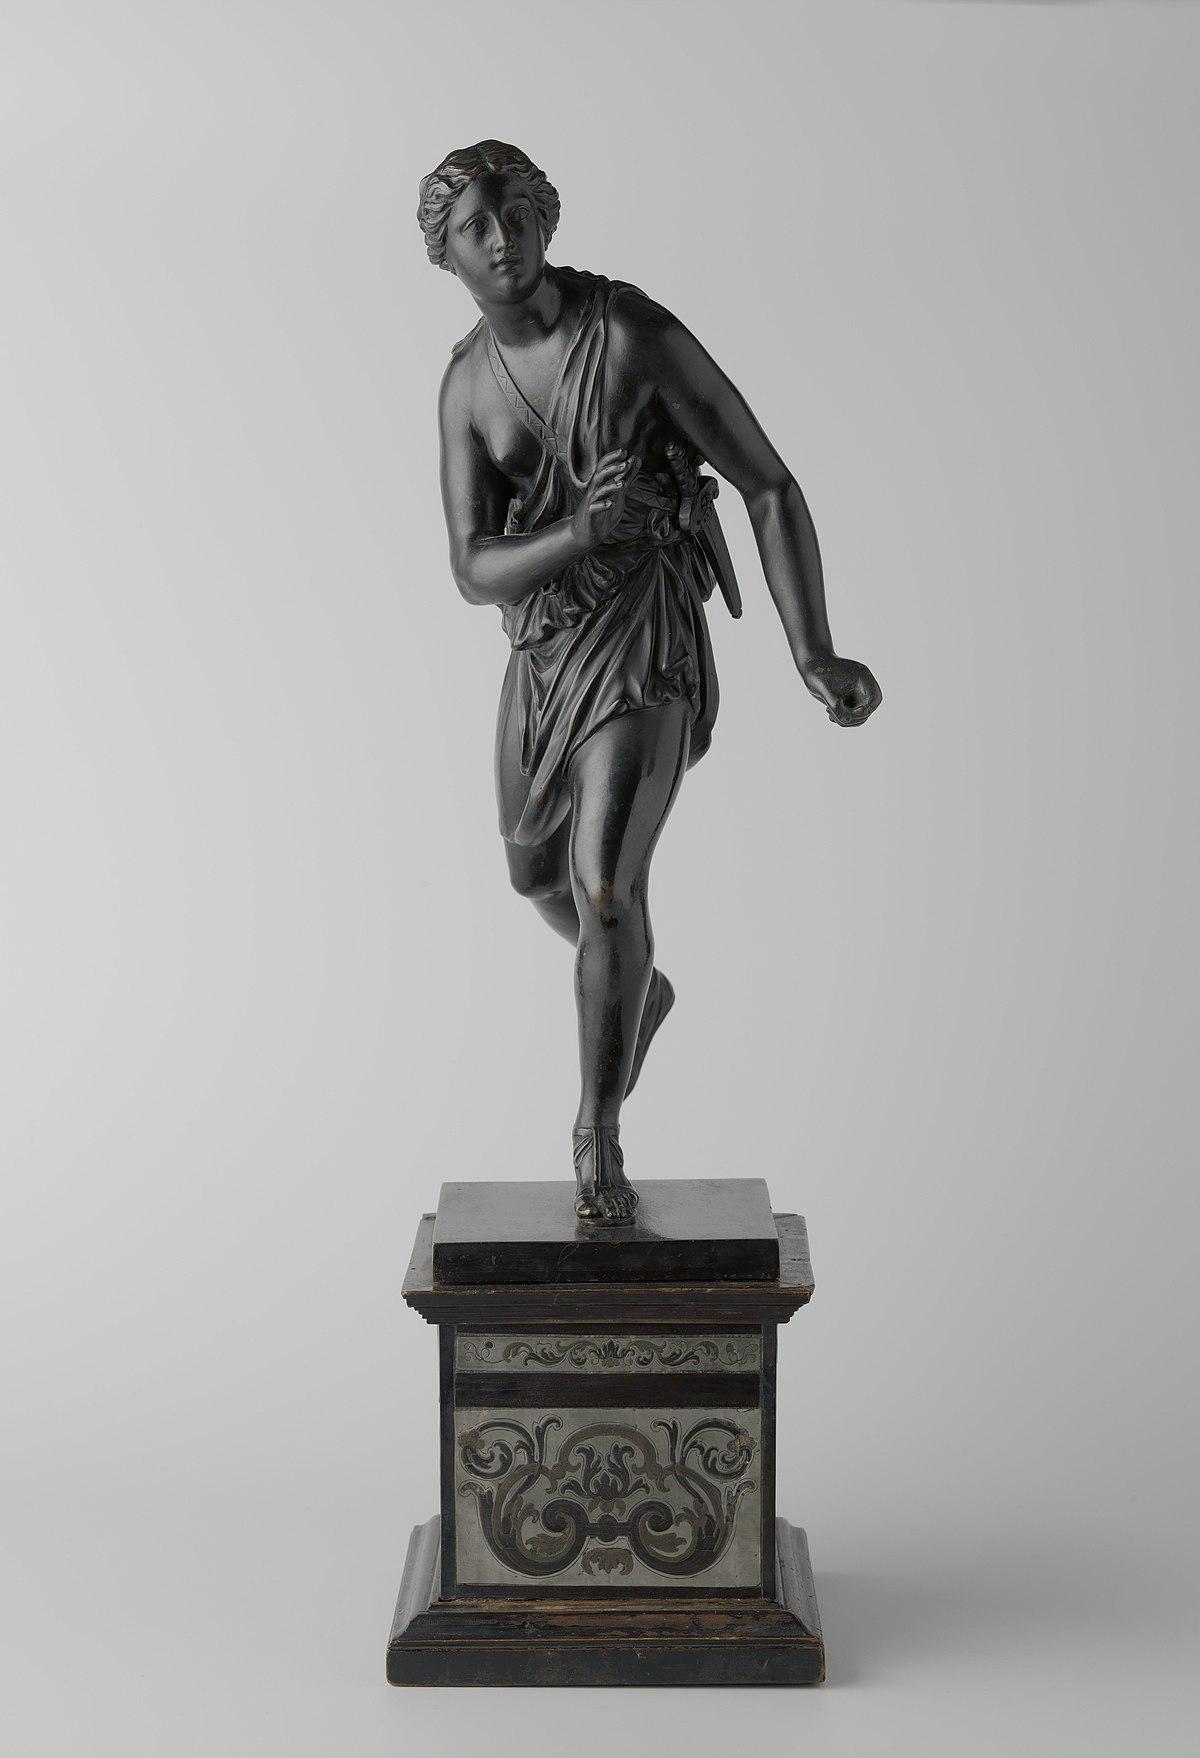 File:Atalanta, BK-16015.jpg - Wikimedia Commons